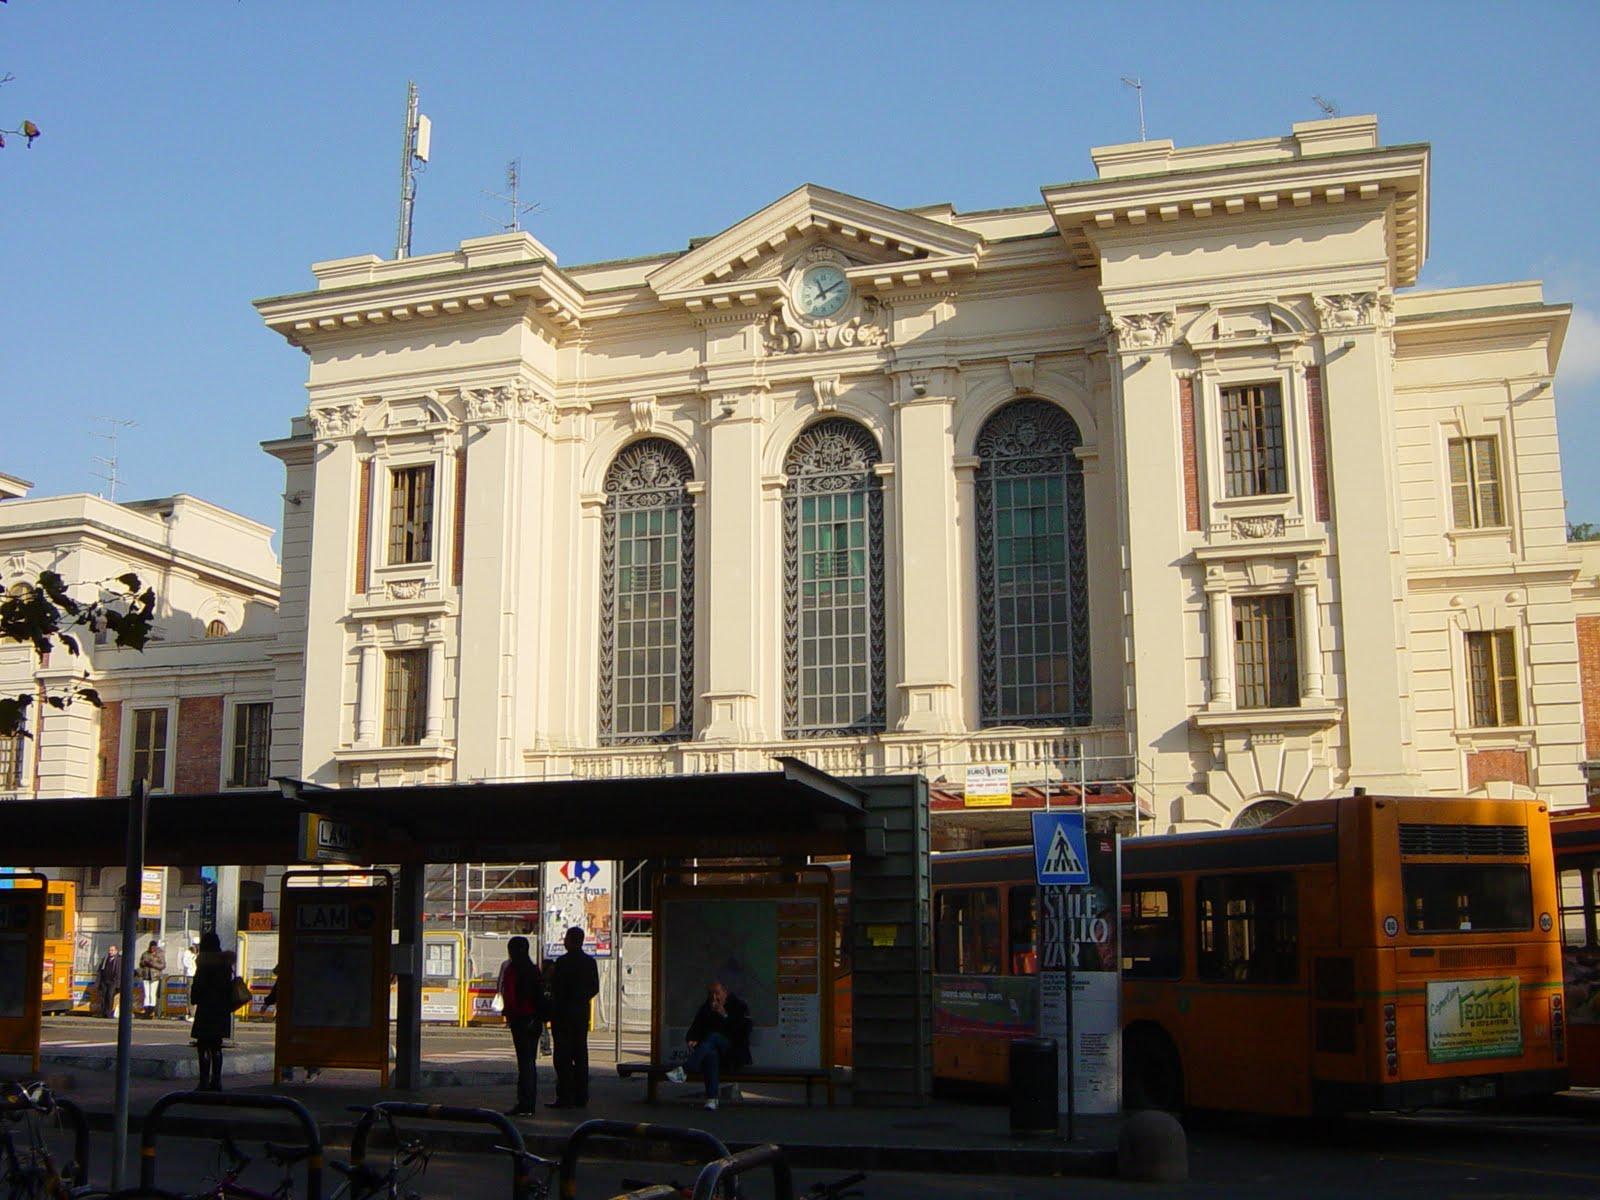 La stazione centrale di Prato